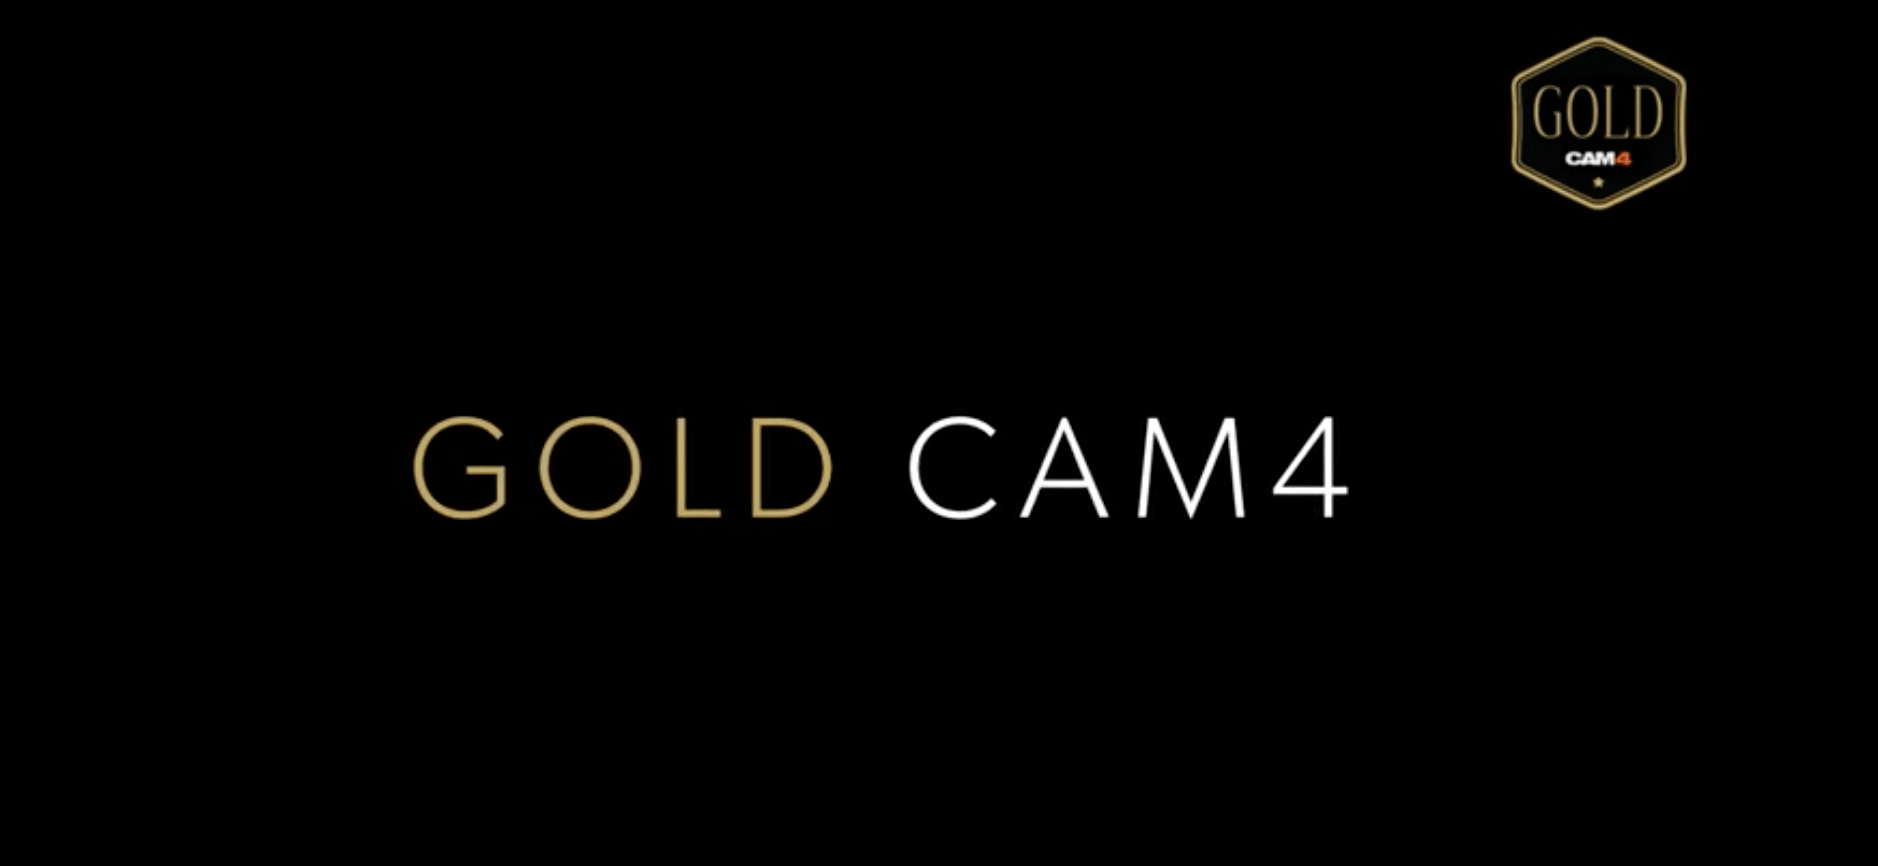 CAM4 Gold